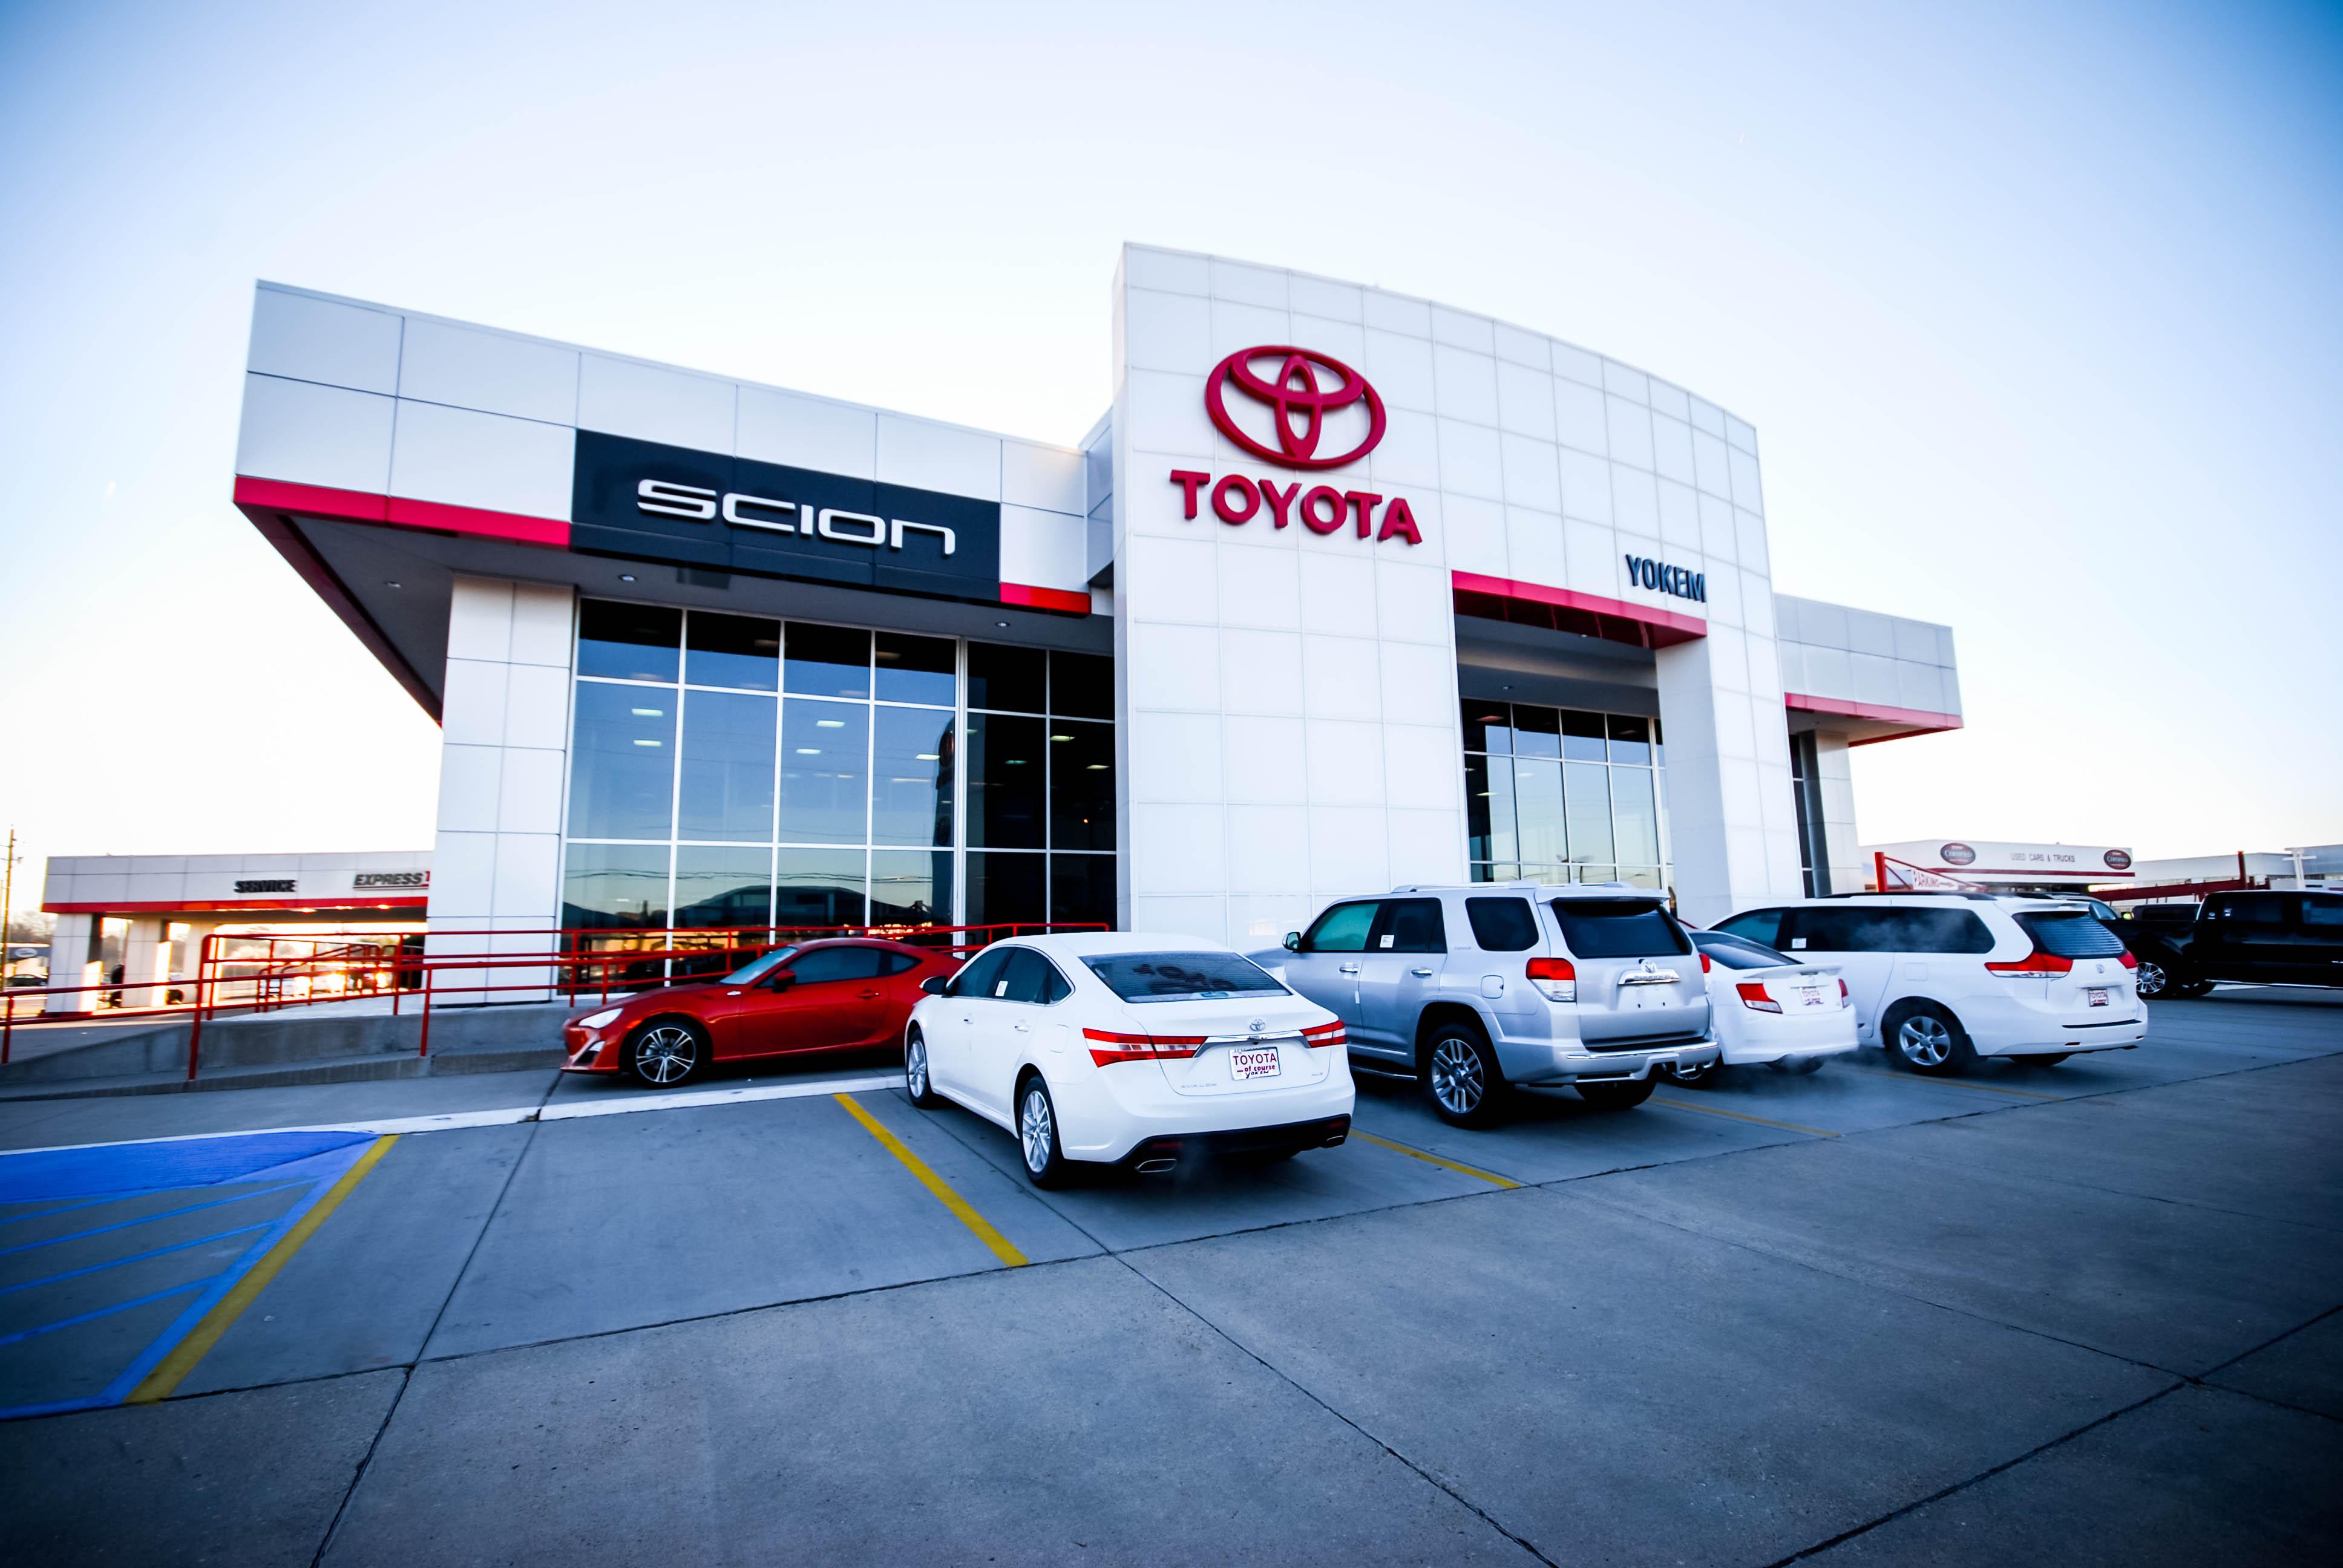 Yokem Toyota Shreveport La 71105 Yp Com